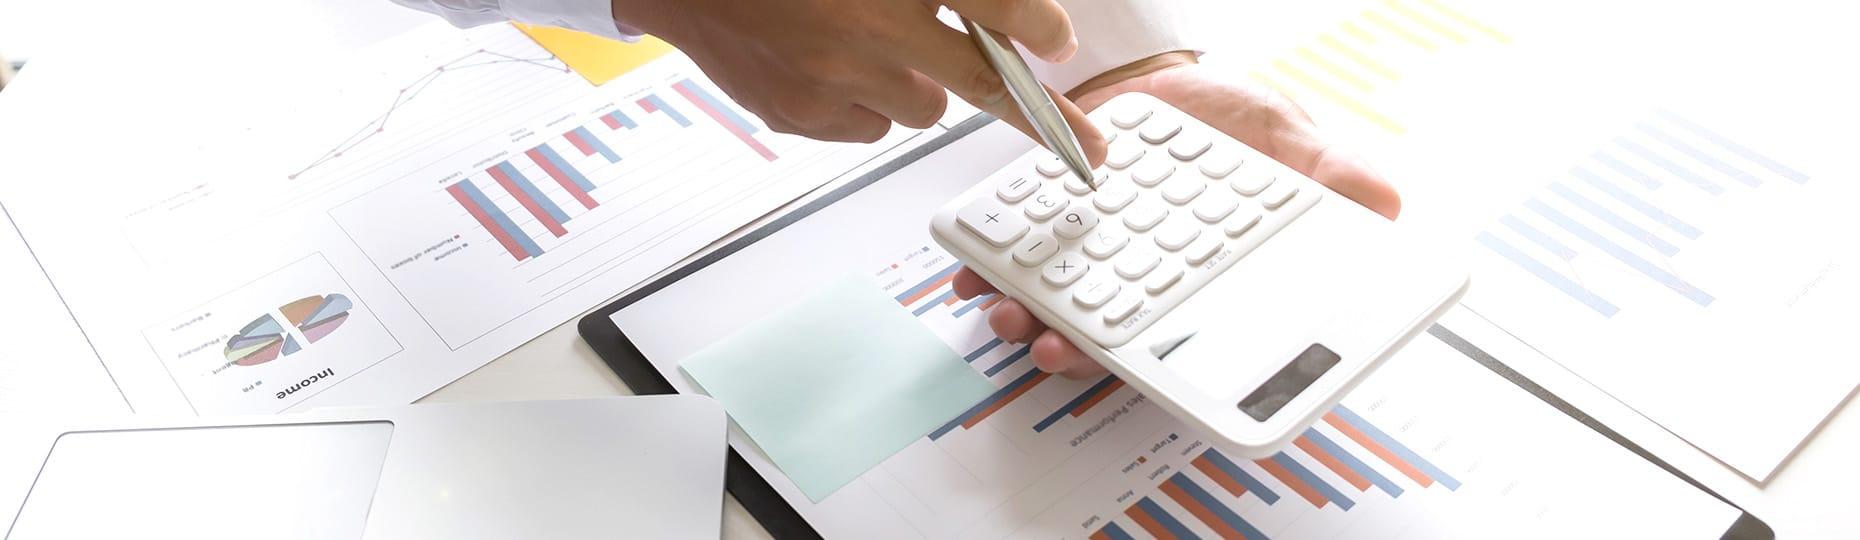 Headerbild der Landingpage Investition